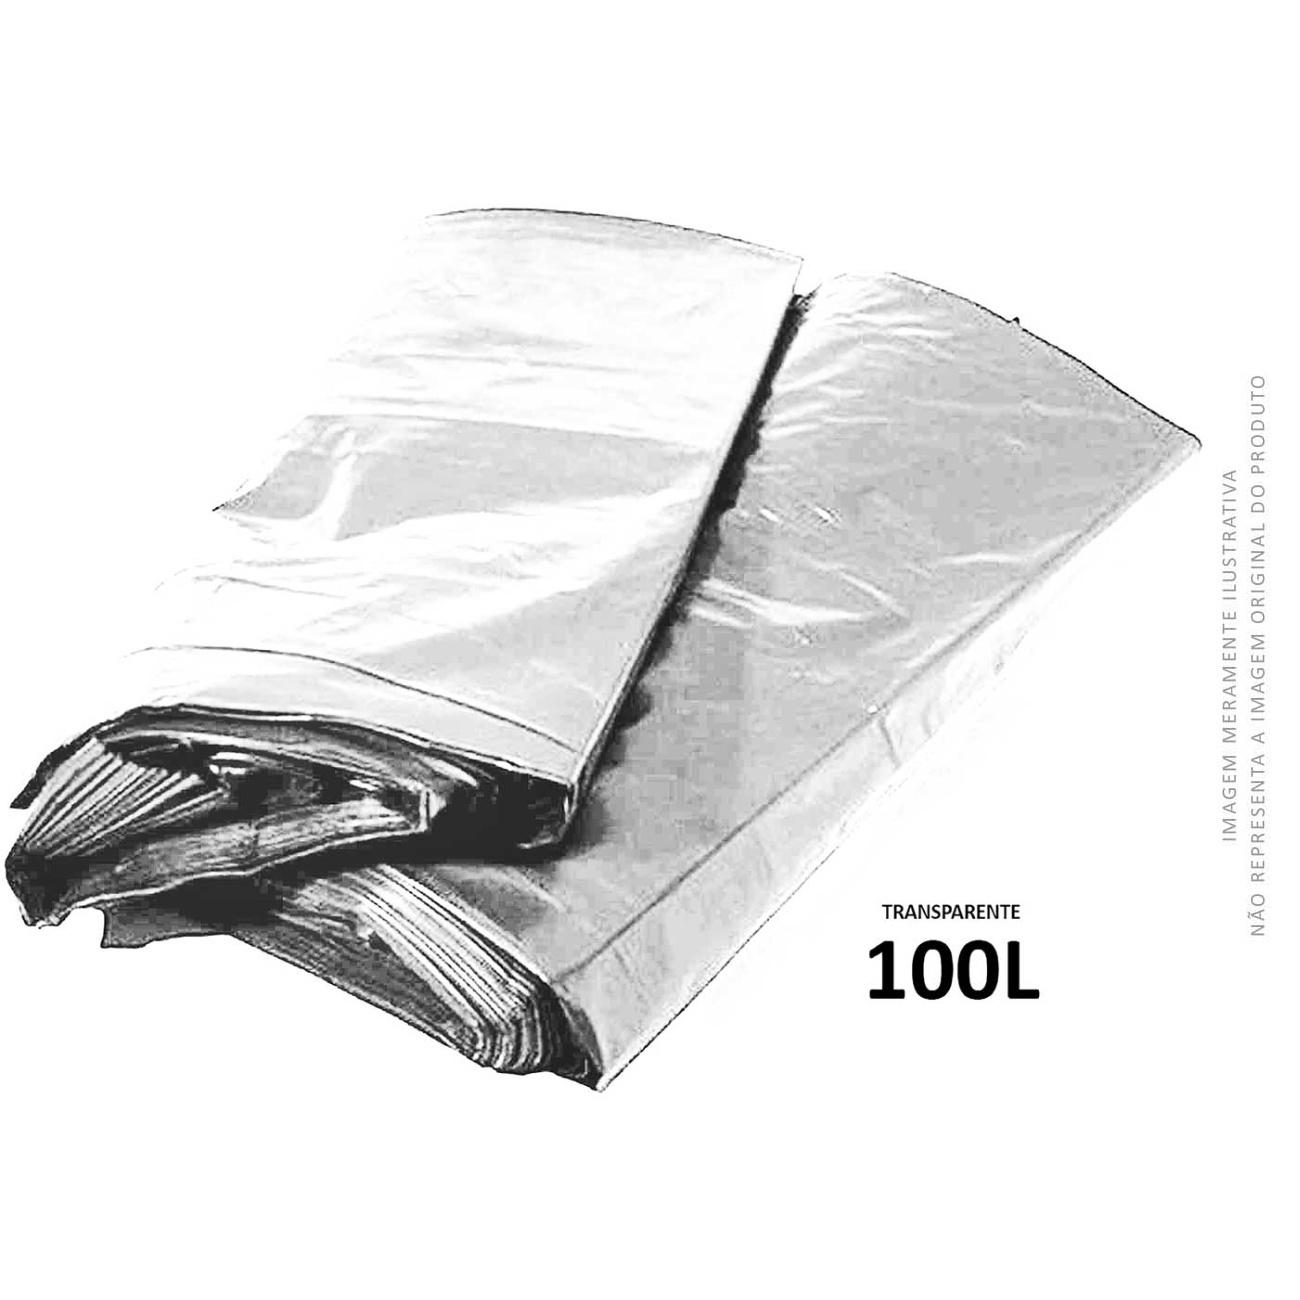 Saco De Lixo Transparente Brasil Embalagens 100L | Caixa com 100 unidades